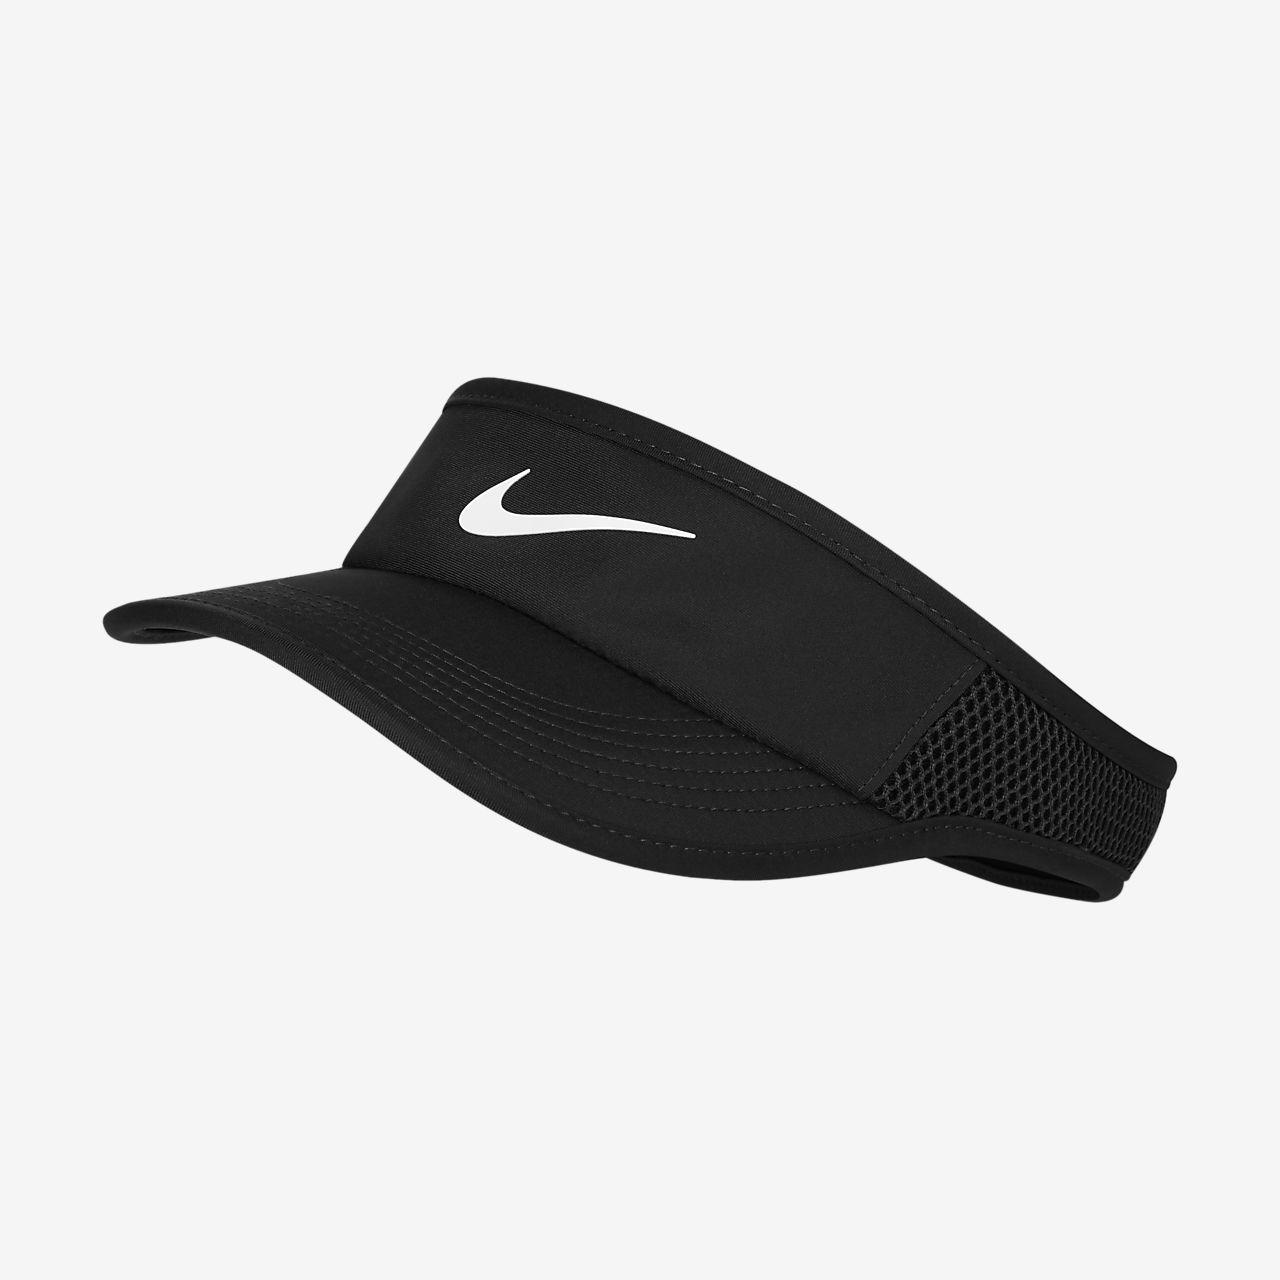 NikeCourt AeroBill Featherlight Tennis-Schirmmütze für Damen